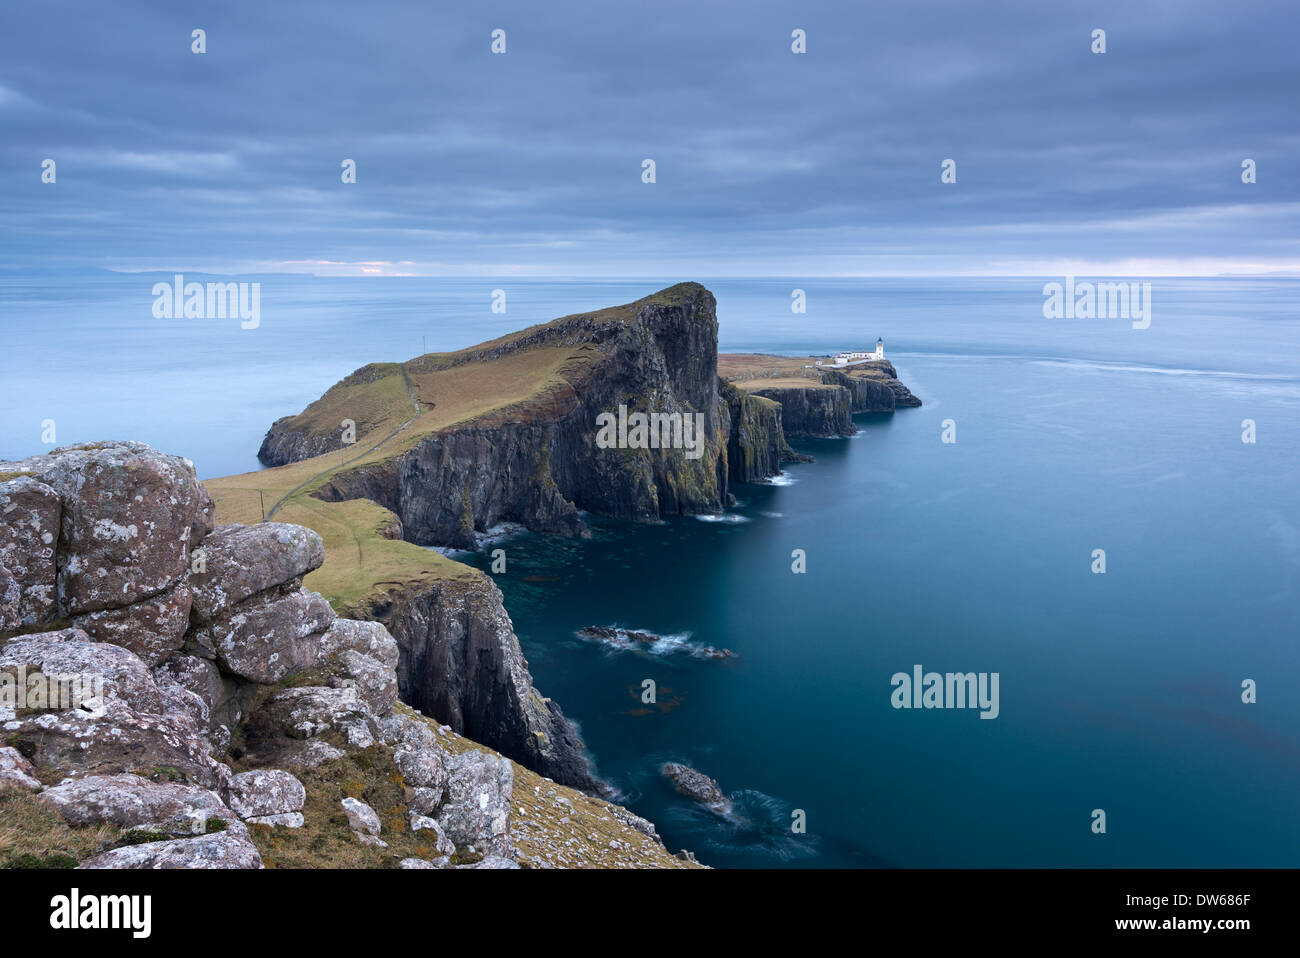 Neist Point, el punto más al oeste en la Isla de Skye, Hébridas interiores, en Escocia. Invierno (diciembre de 2013). Foto de stock